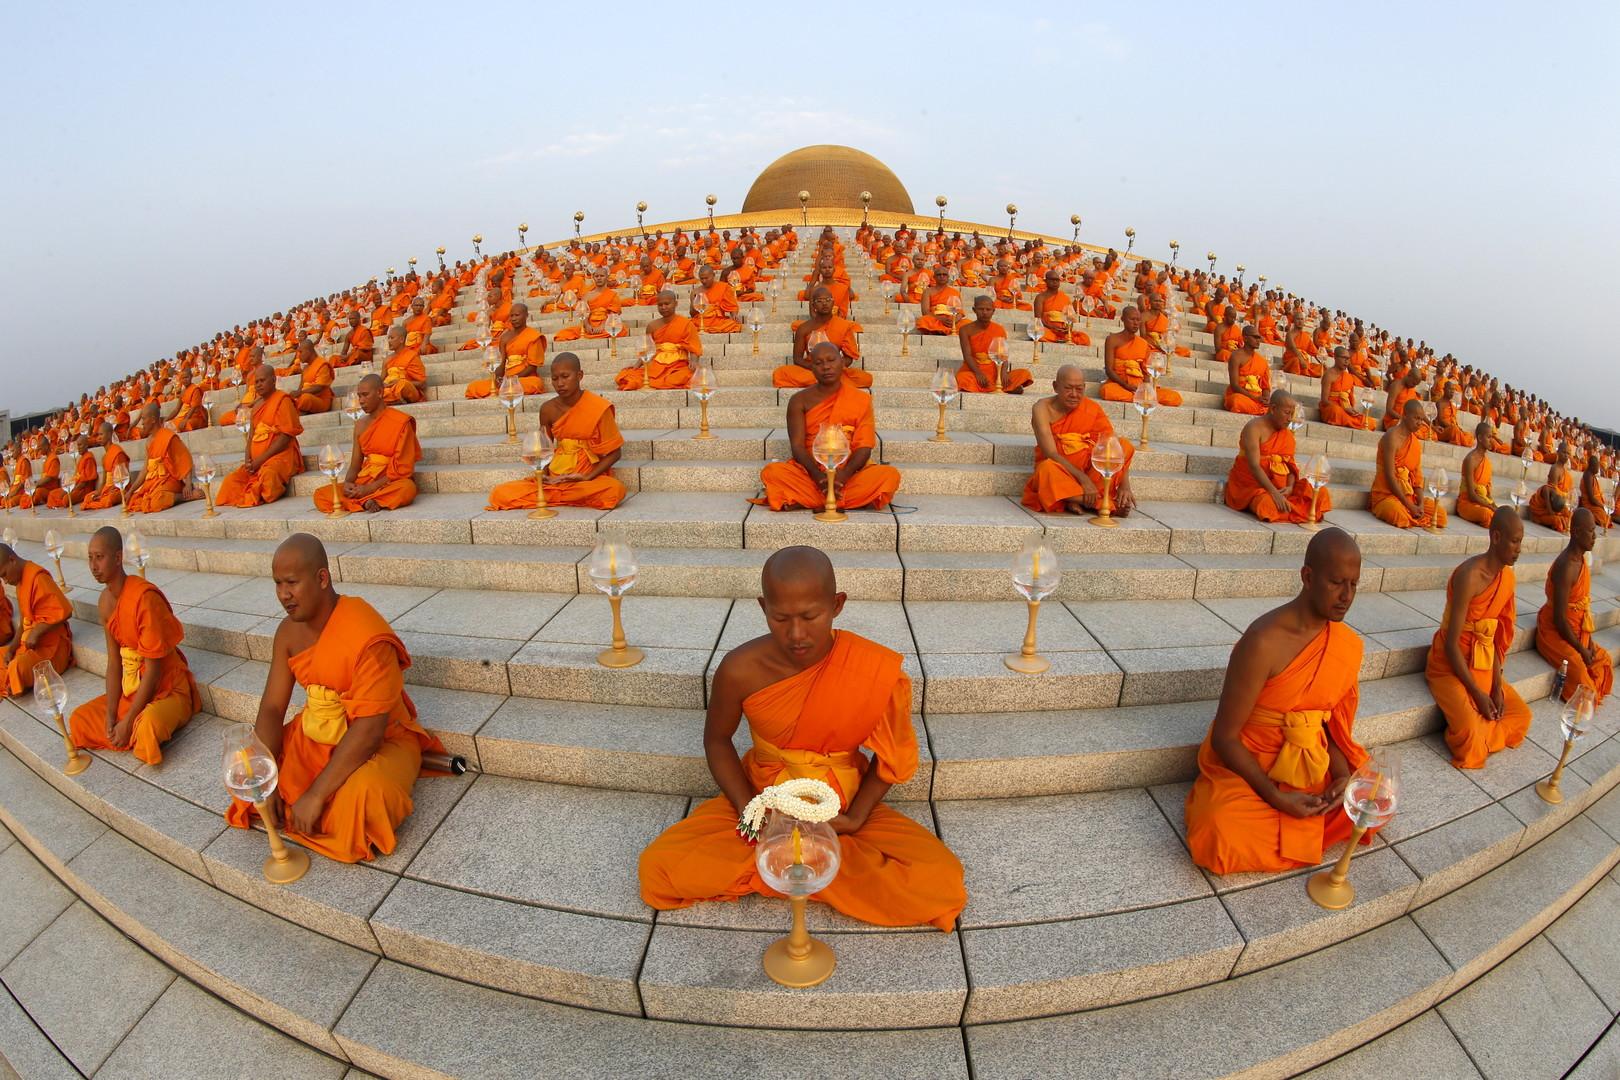 Auf der Kuppel des Wat Phra Dhammakaya befinden sich 300.000 goldene Buddha-Statuen. Sie ist umgeben von einer Plattform für Meditation. Im Inneren des Tempels befinden sich außerdem noch weitere 700.000 goldene Statuetten.